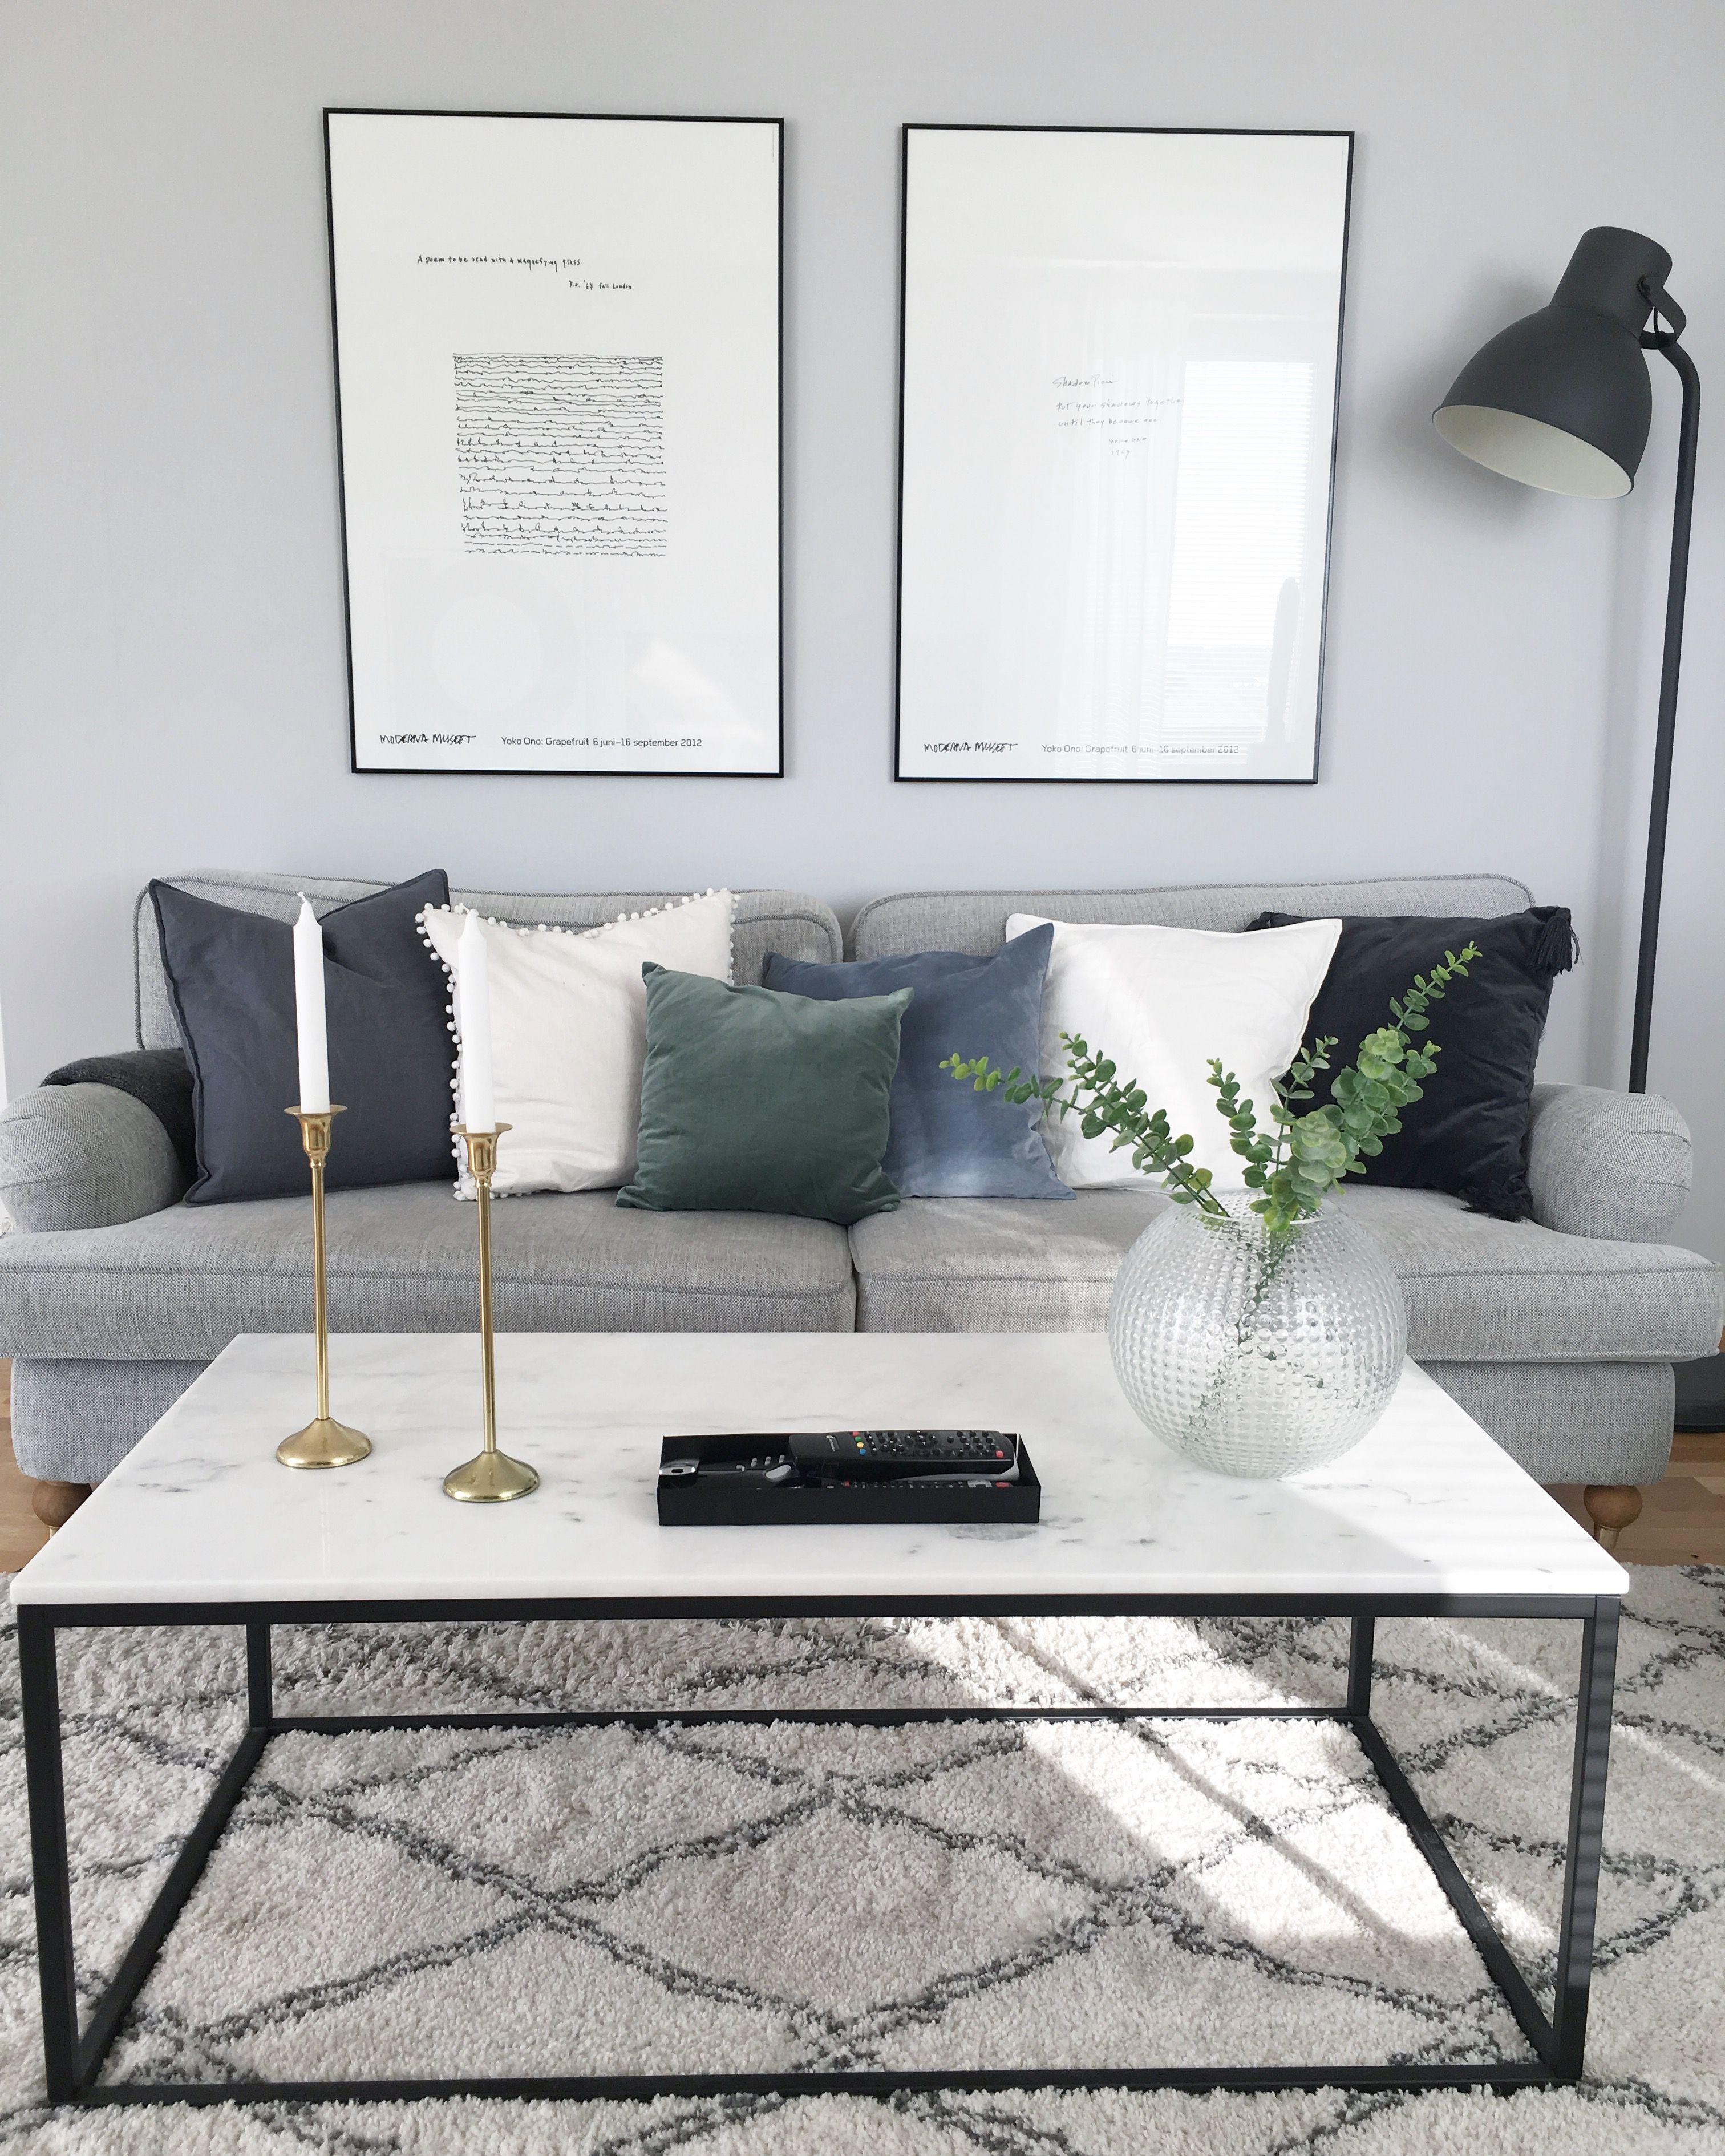 Innenarchitektur wohnzimmer lila livingroom  ideen rund ums haus  pinterest  wohnzimmer